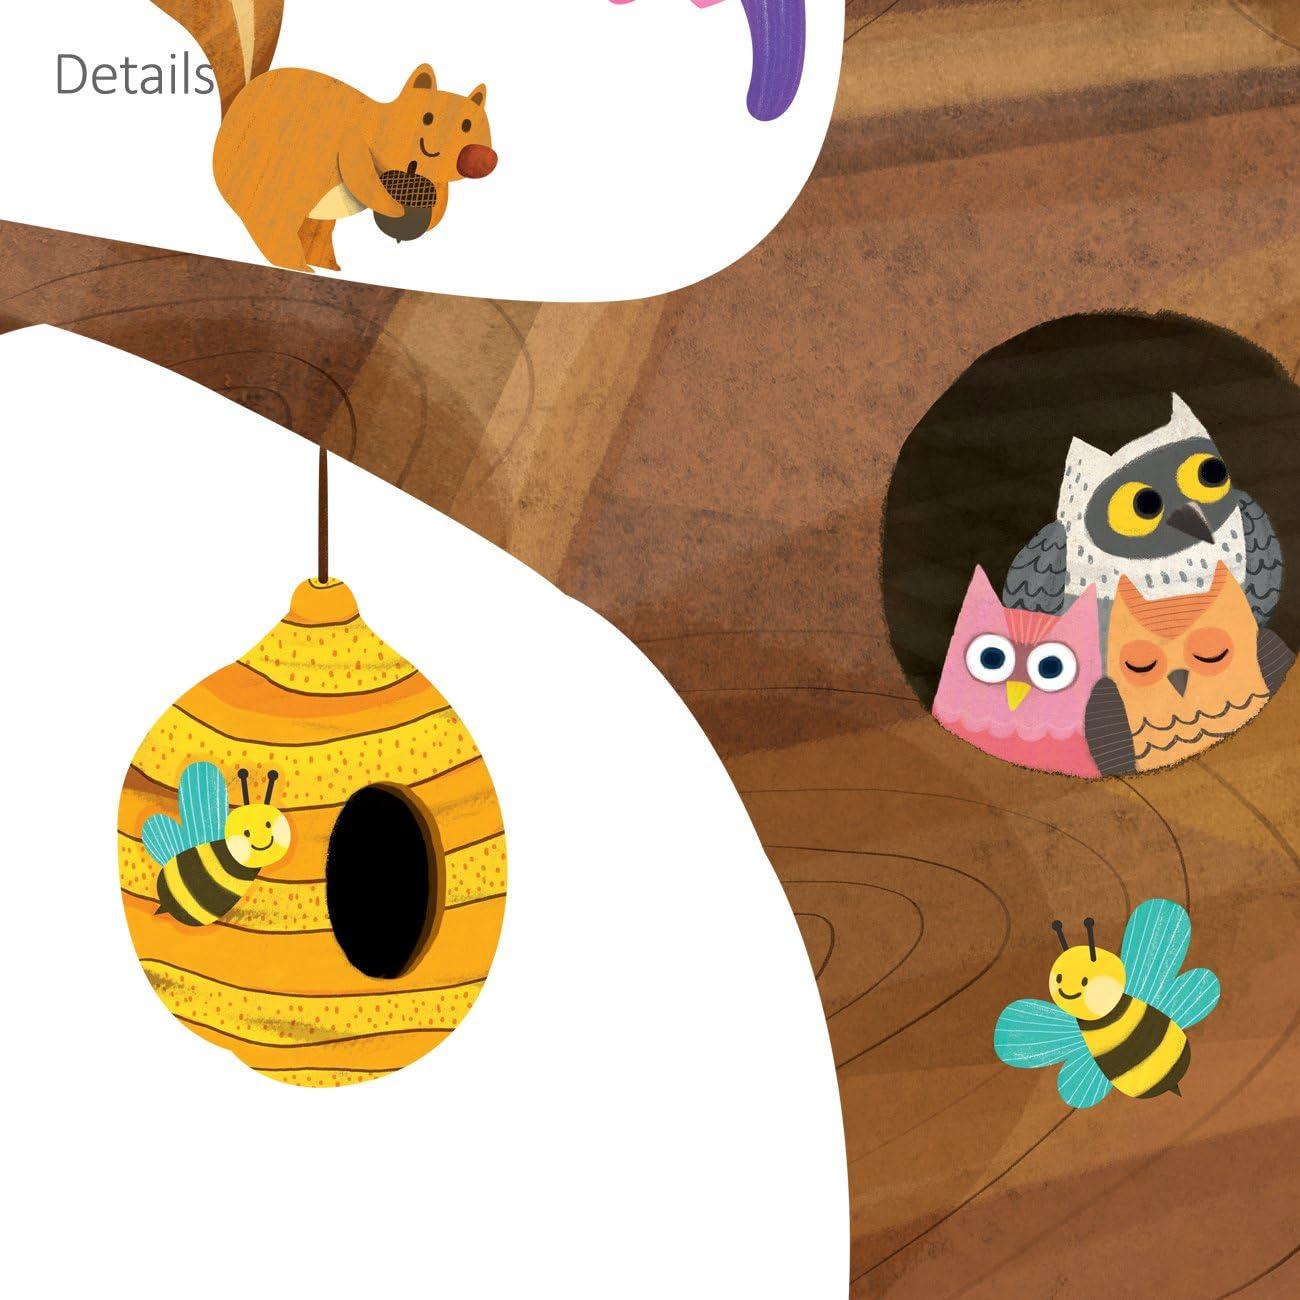 DEB DECOWALL DL-1709 /Árbol Gigante Animales Vinilo Pegatinas Decorativas Adhesiva Pared Dormitorio Sal/ón Guarder/ía Habitaci/ón Infantiles Ni/ños Beb/és